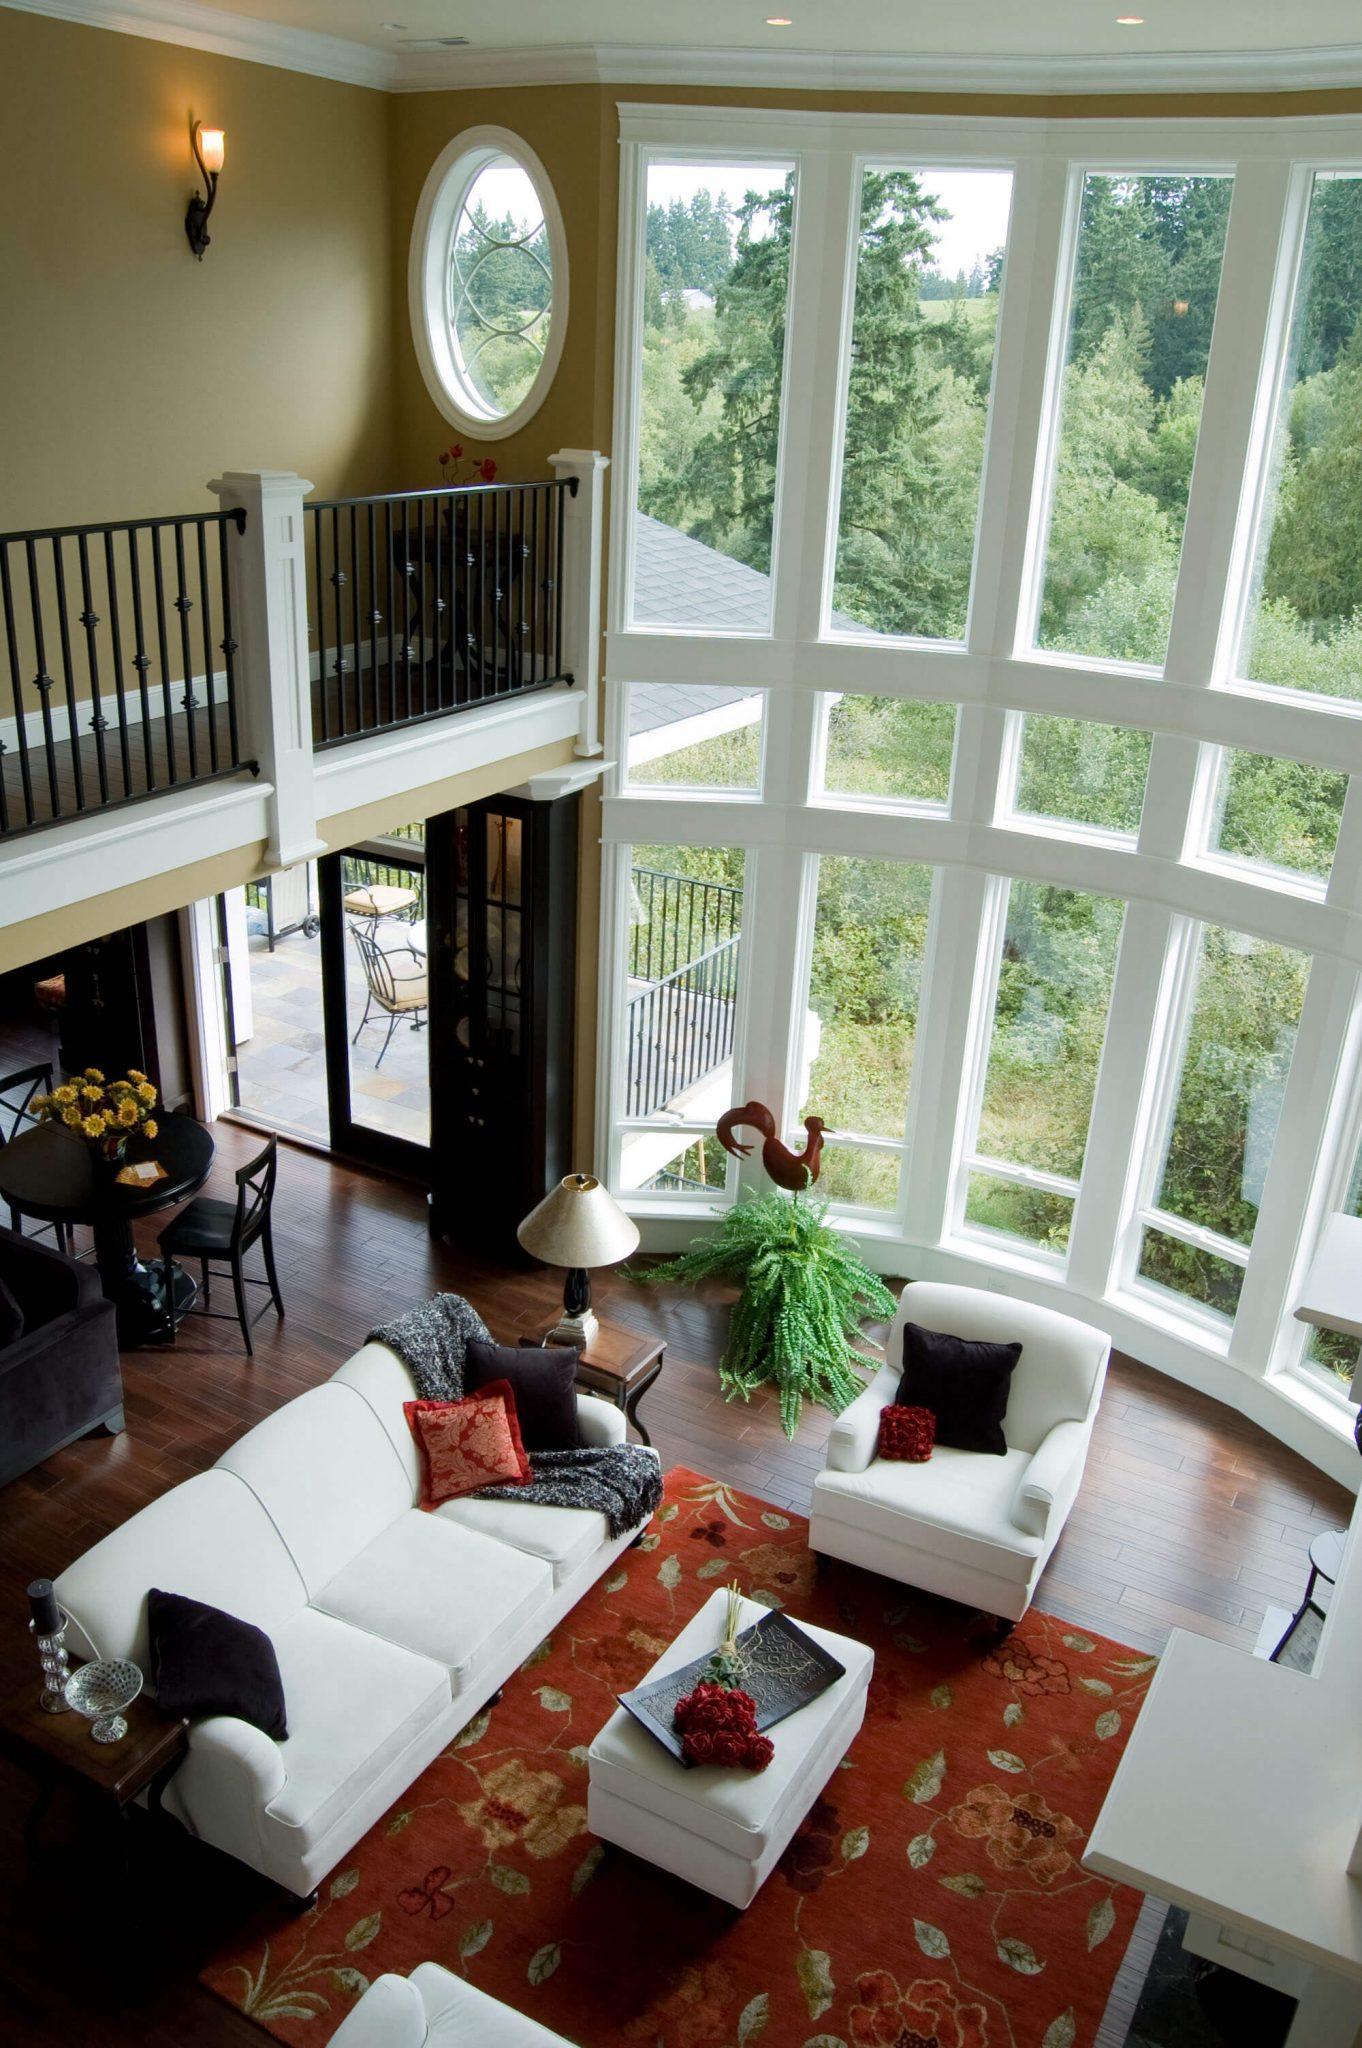 43 Light  Spacious Living Room Interior Design Ideas